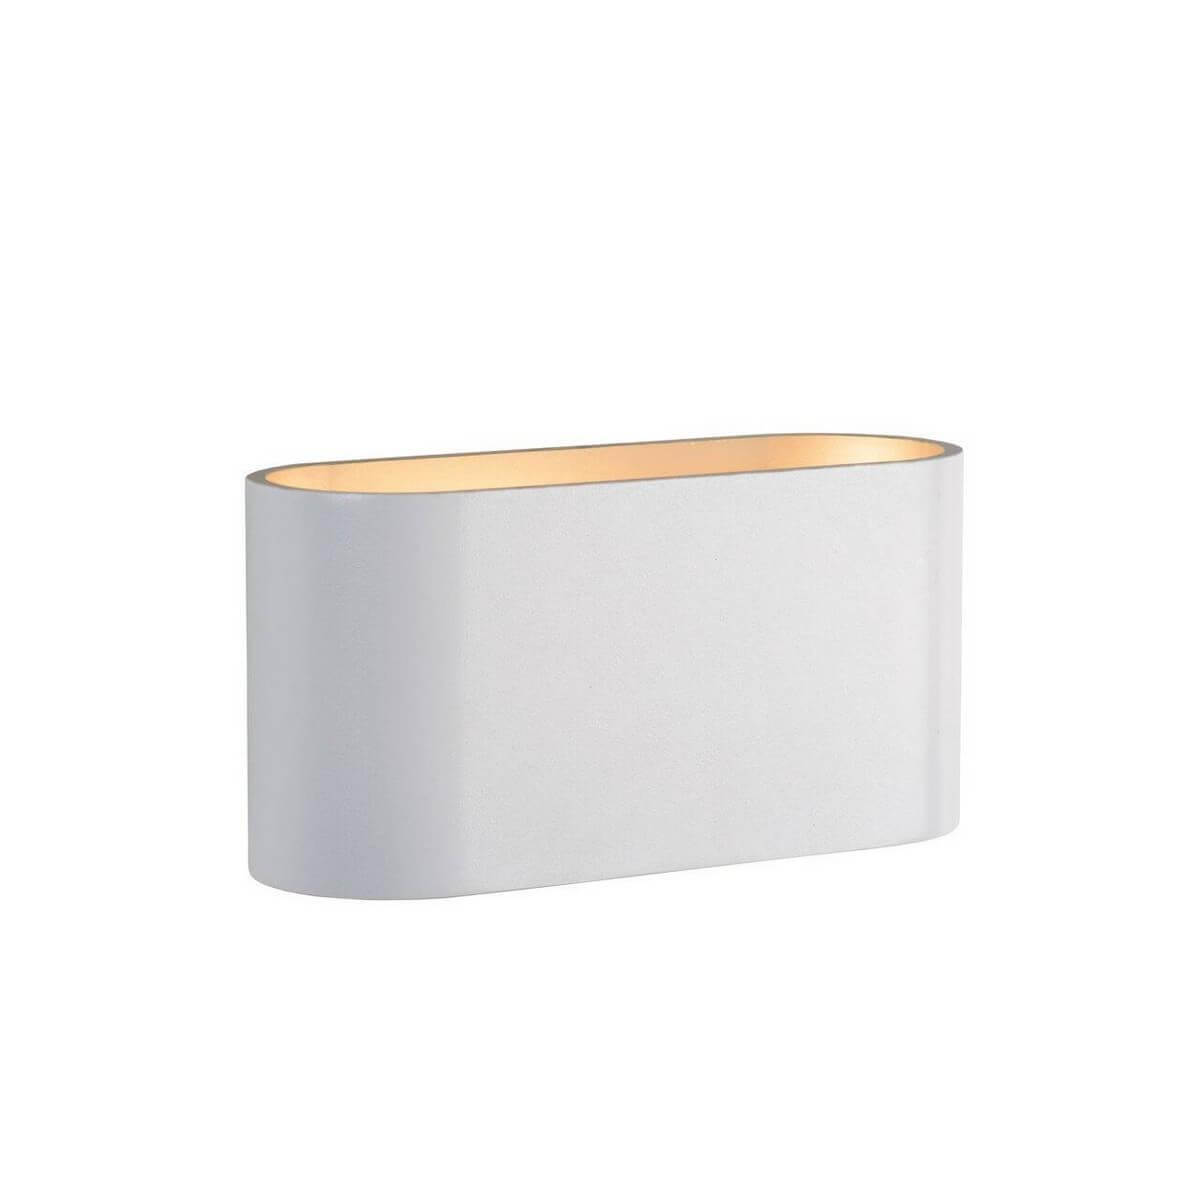 Настенный светильник Lucide 23254/01/31, G9, 25 Вт светильник lucide tonga 79459 25 31